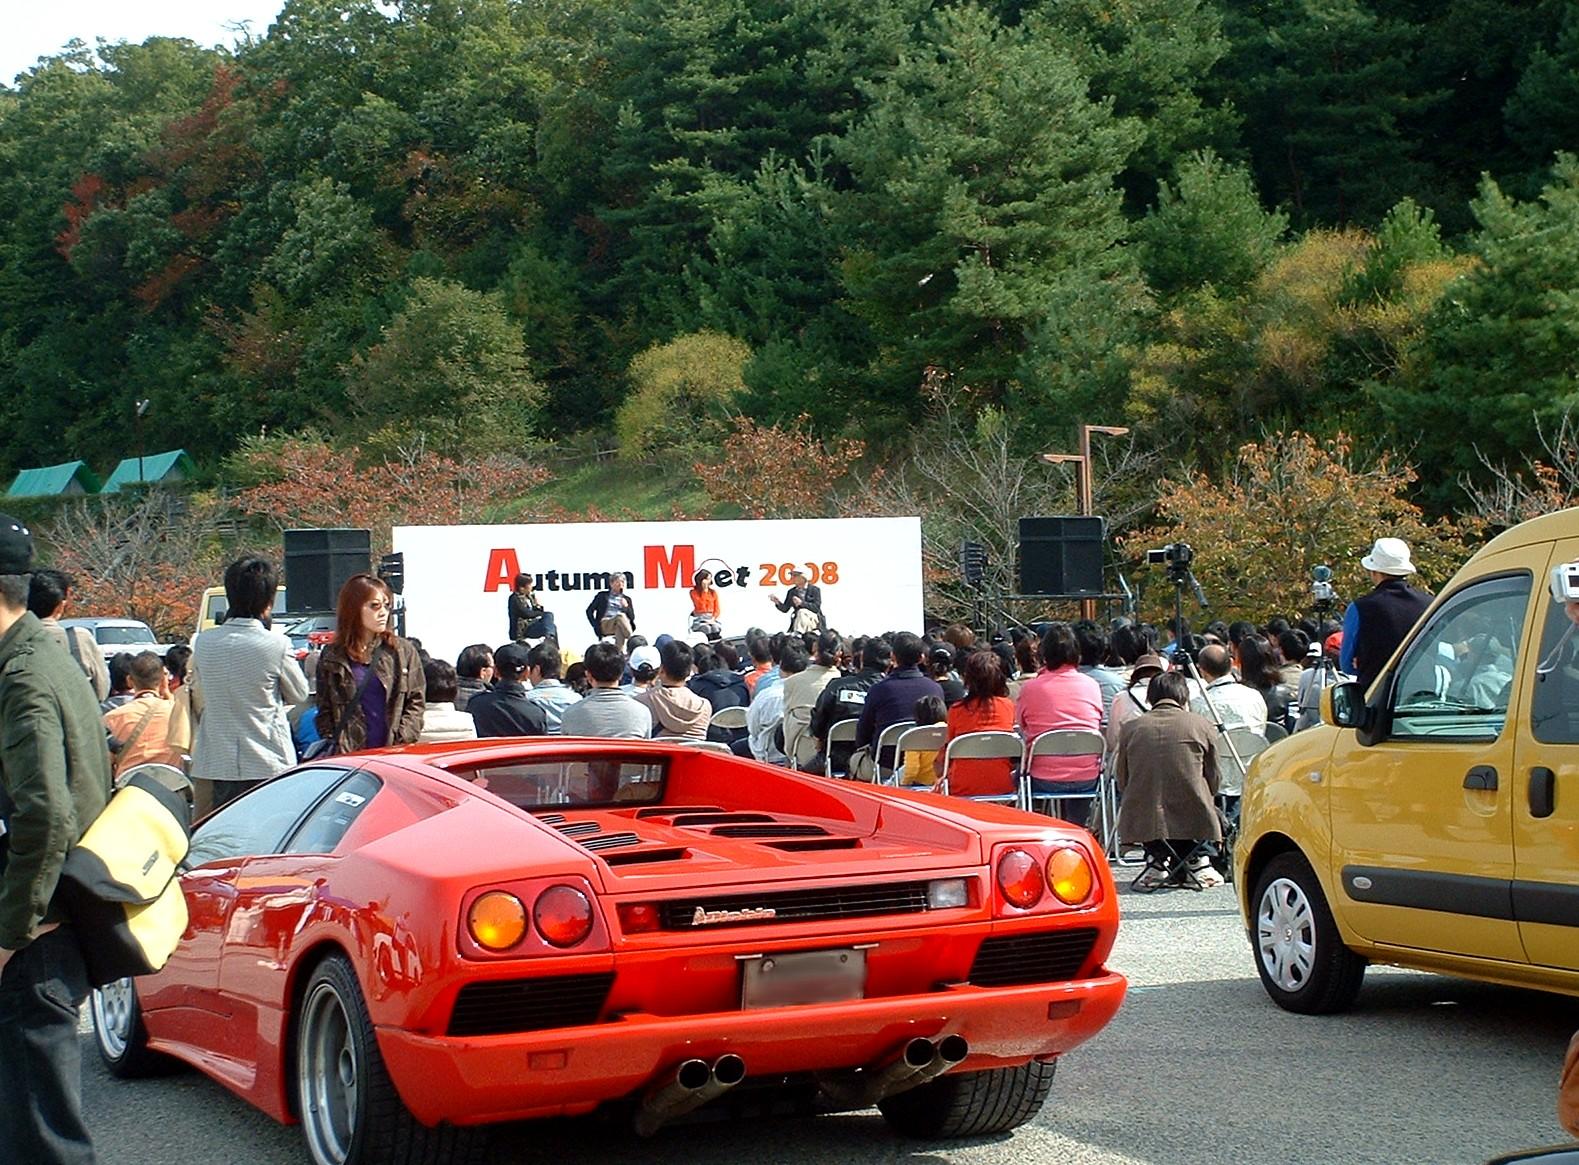 Autumnmeet2008